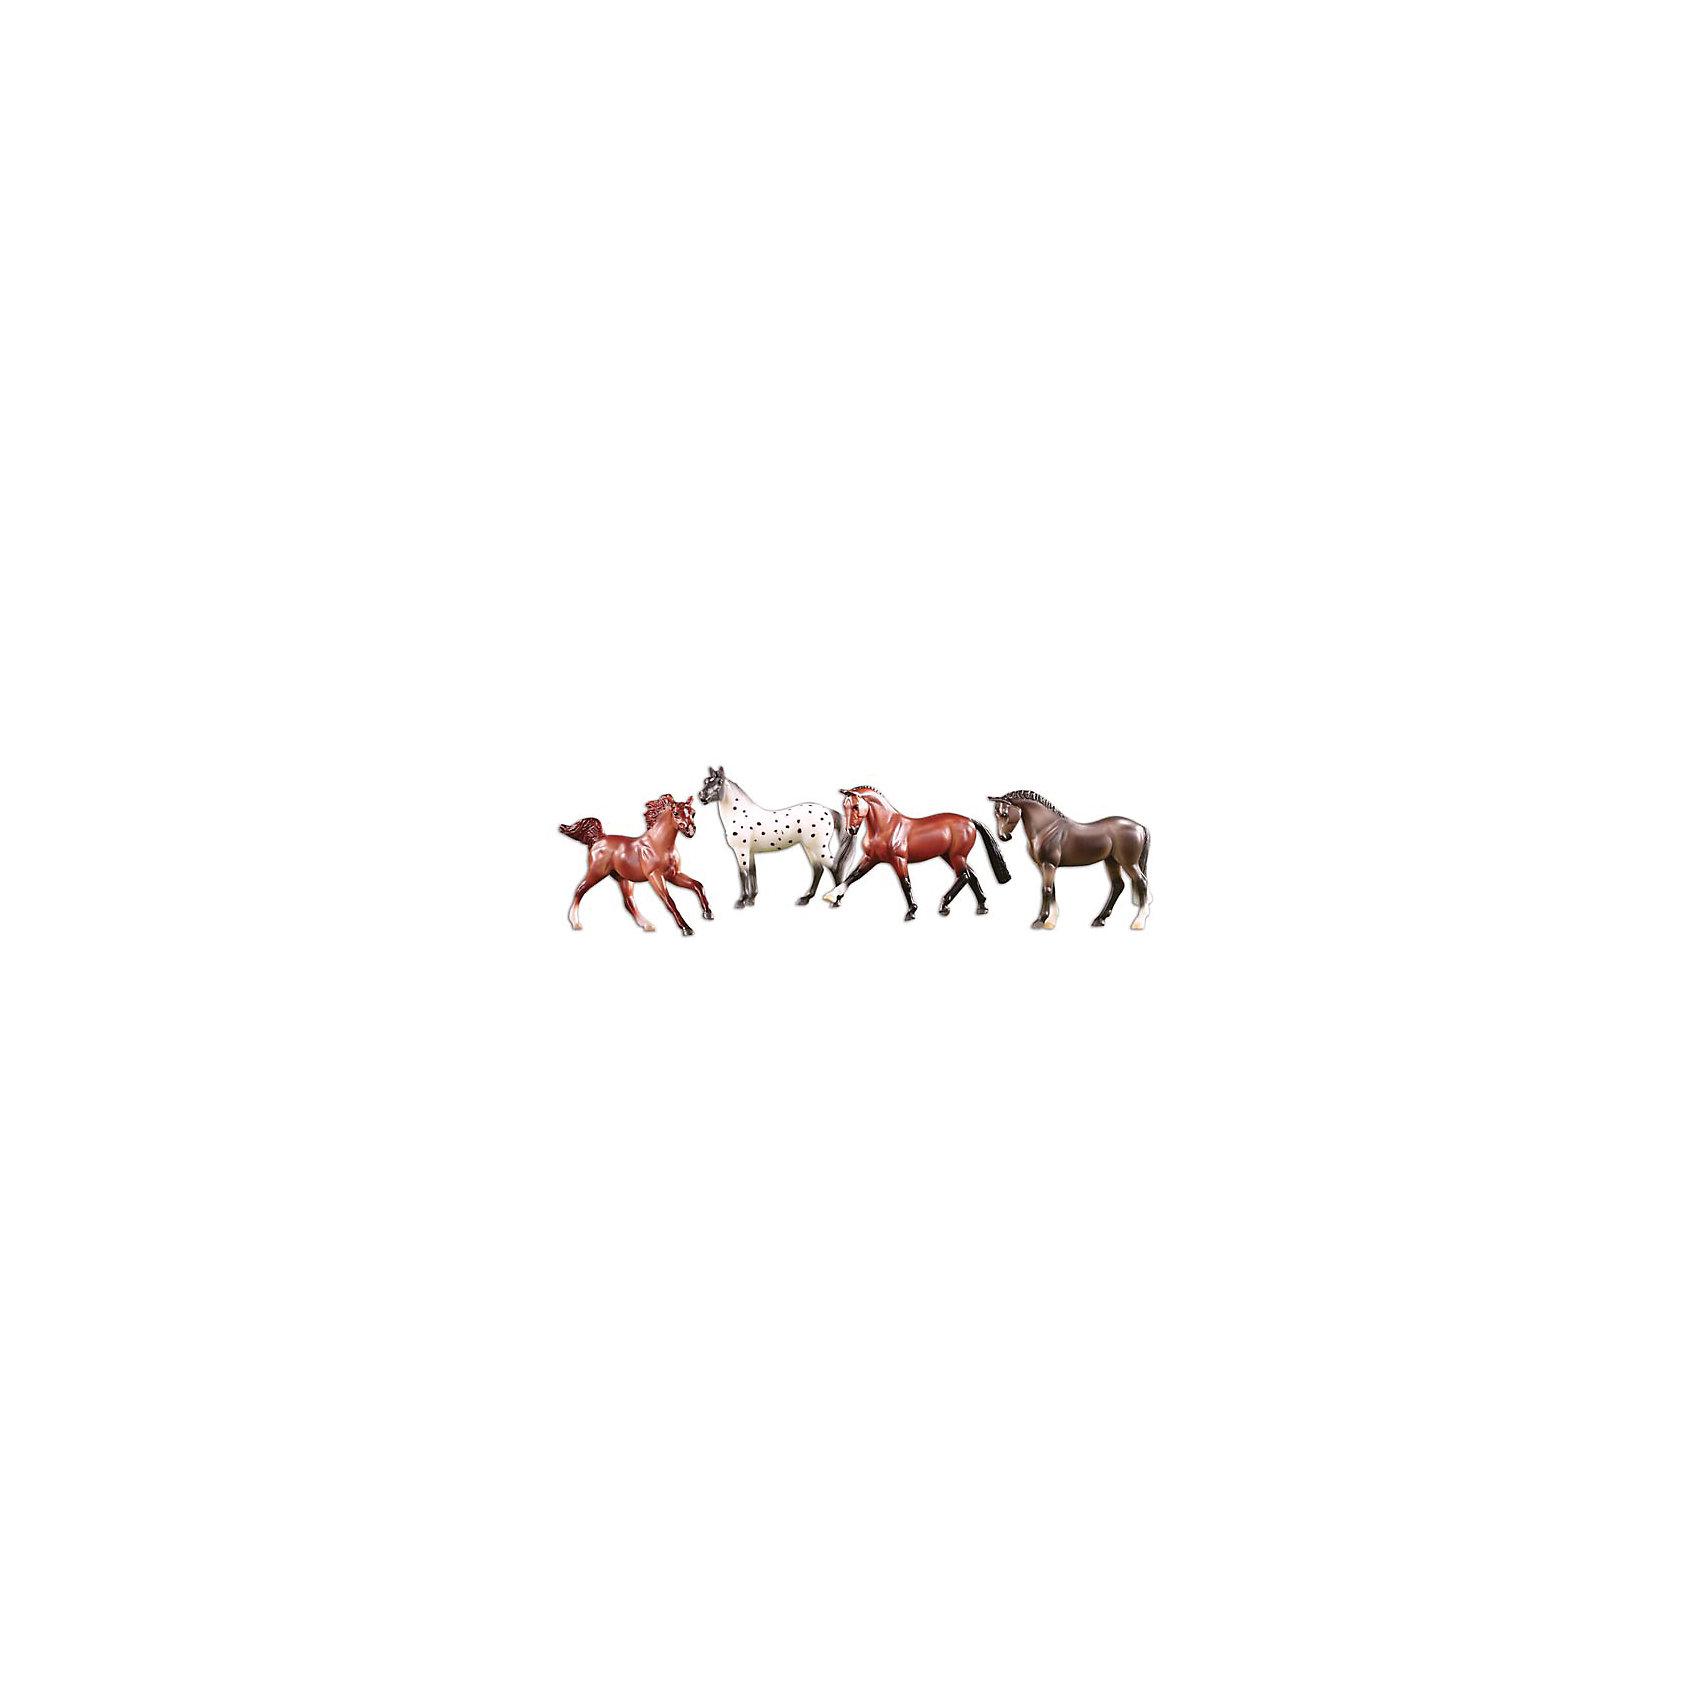 Breyer Набор из 4-х лошадей спортивных пород, Breyer игрушка для животных каскад барабан с колокольчиком 4 х 4 х 4 см